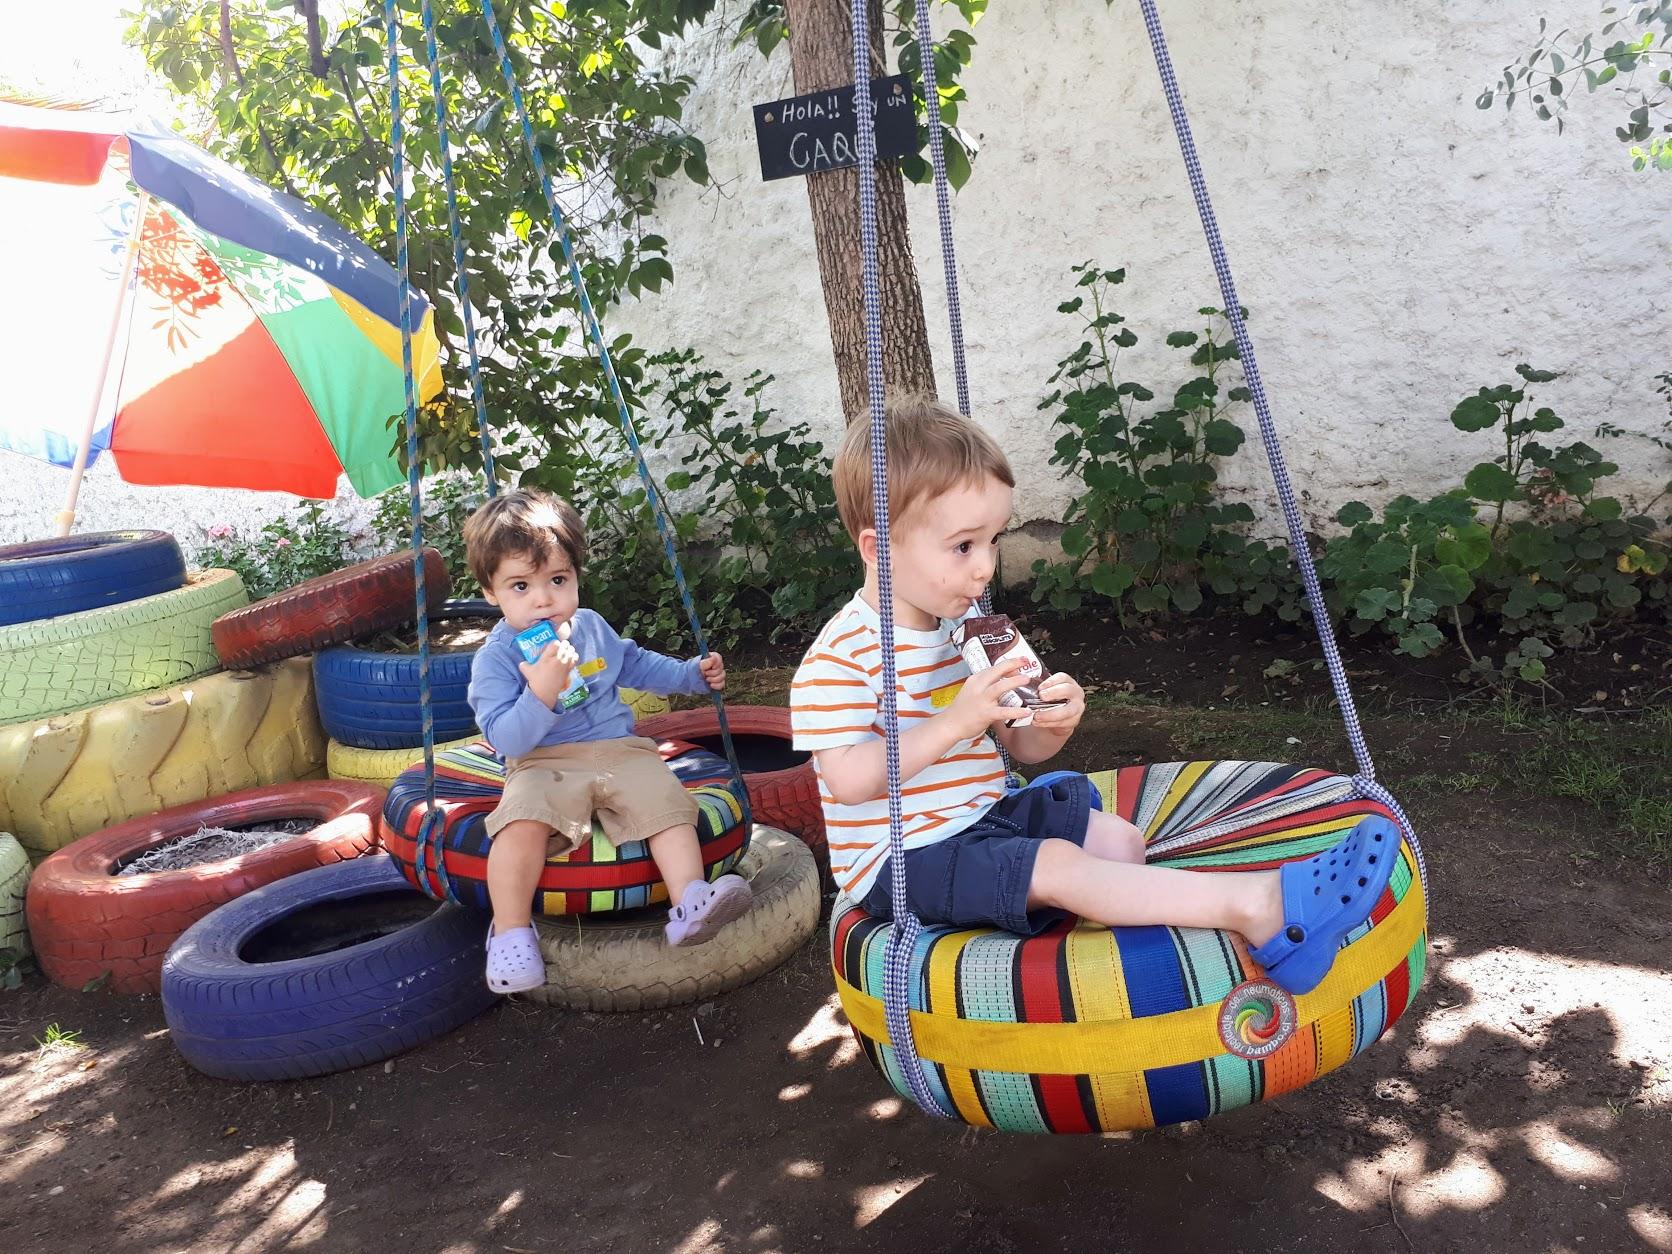 Cafe Gluck garden